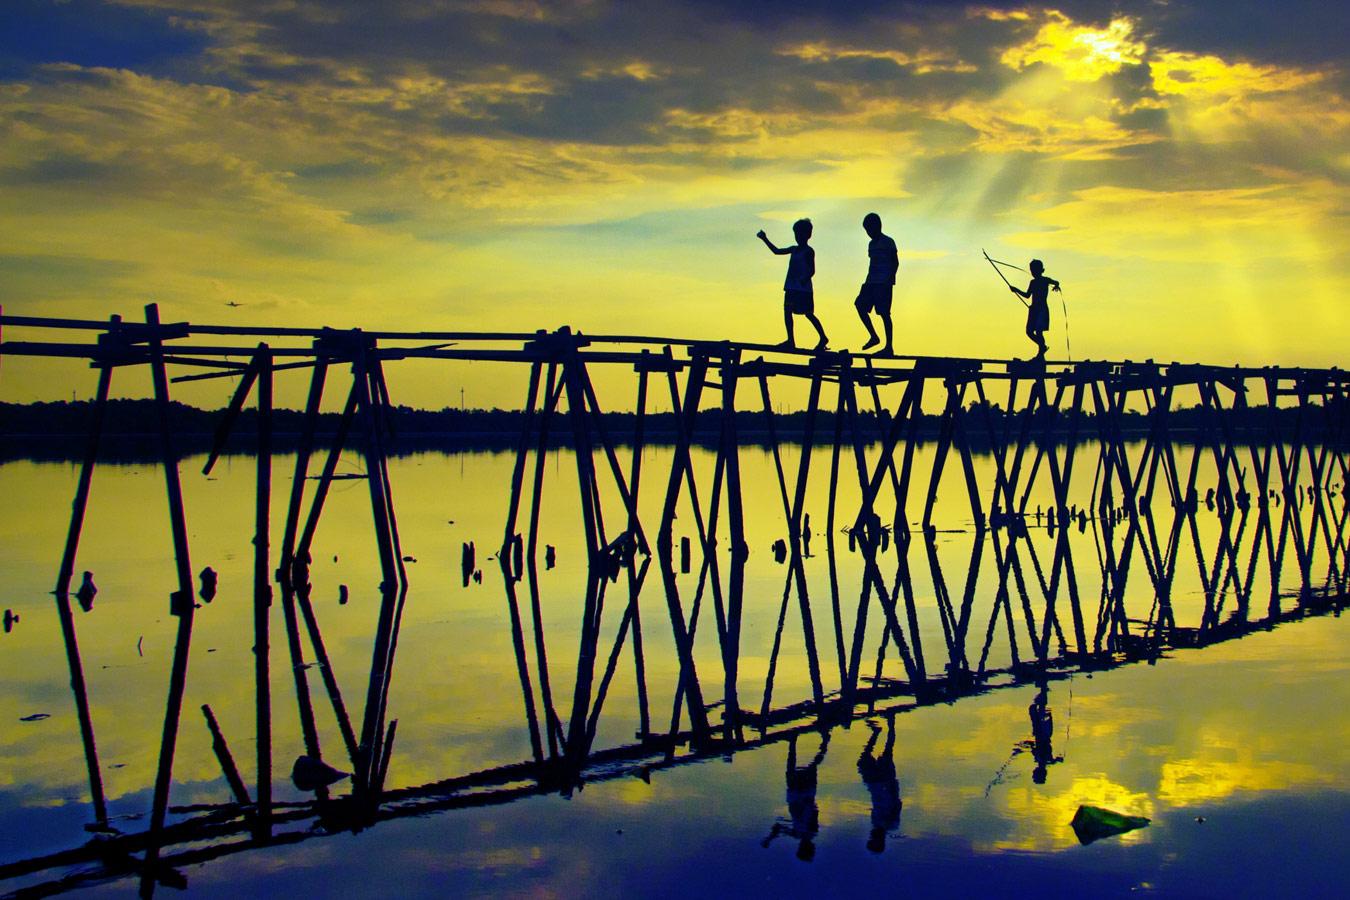 Деревянное соединение, © Роберт Антон Апаренте, Филиппины, 3-е место, Фотоконкурс «Изменения в культуре дерева» — Change in Wood Culture